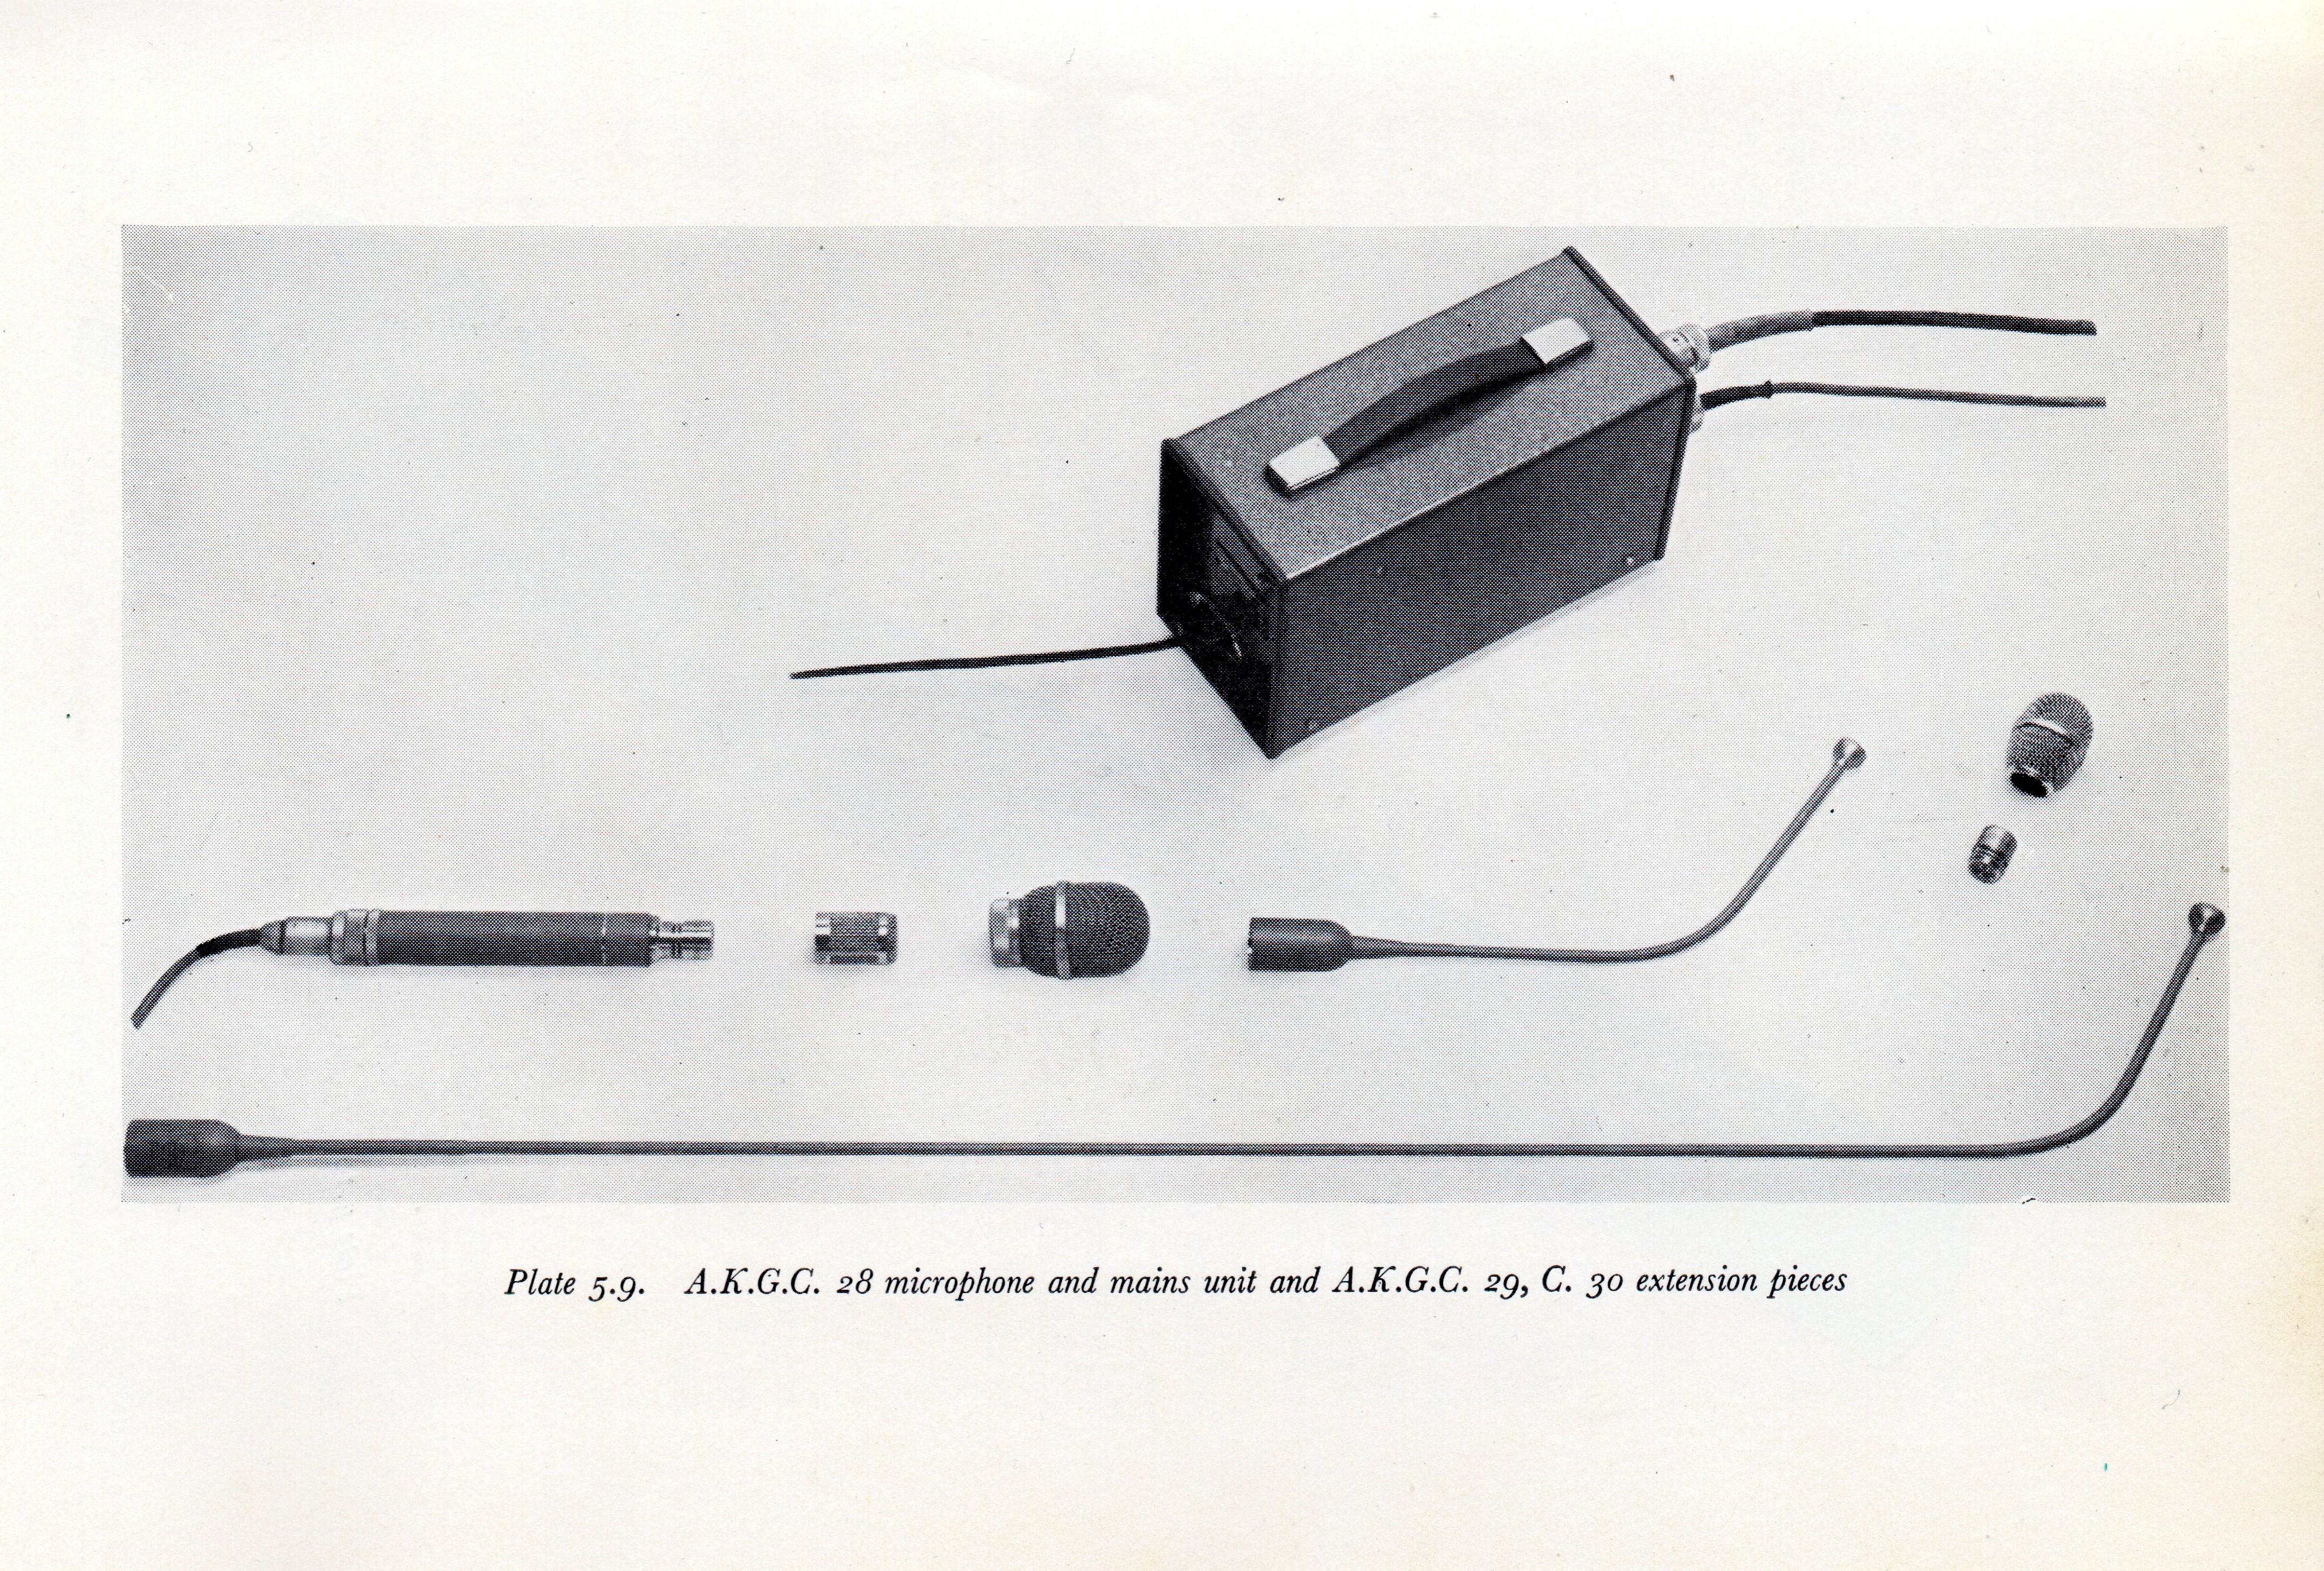 BBC Traing Manual 1962 AKGC28 .jpg